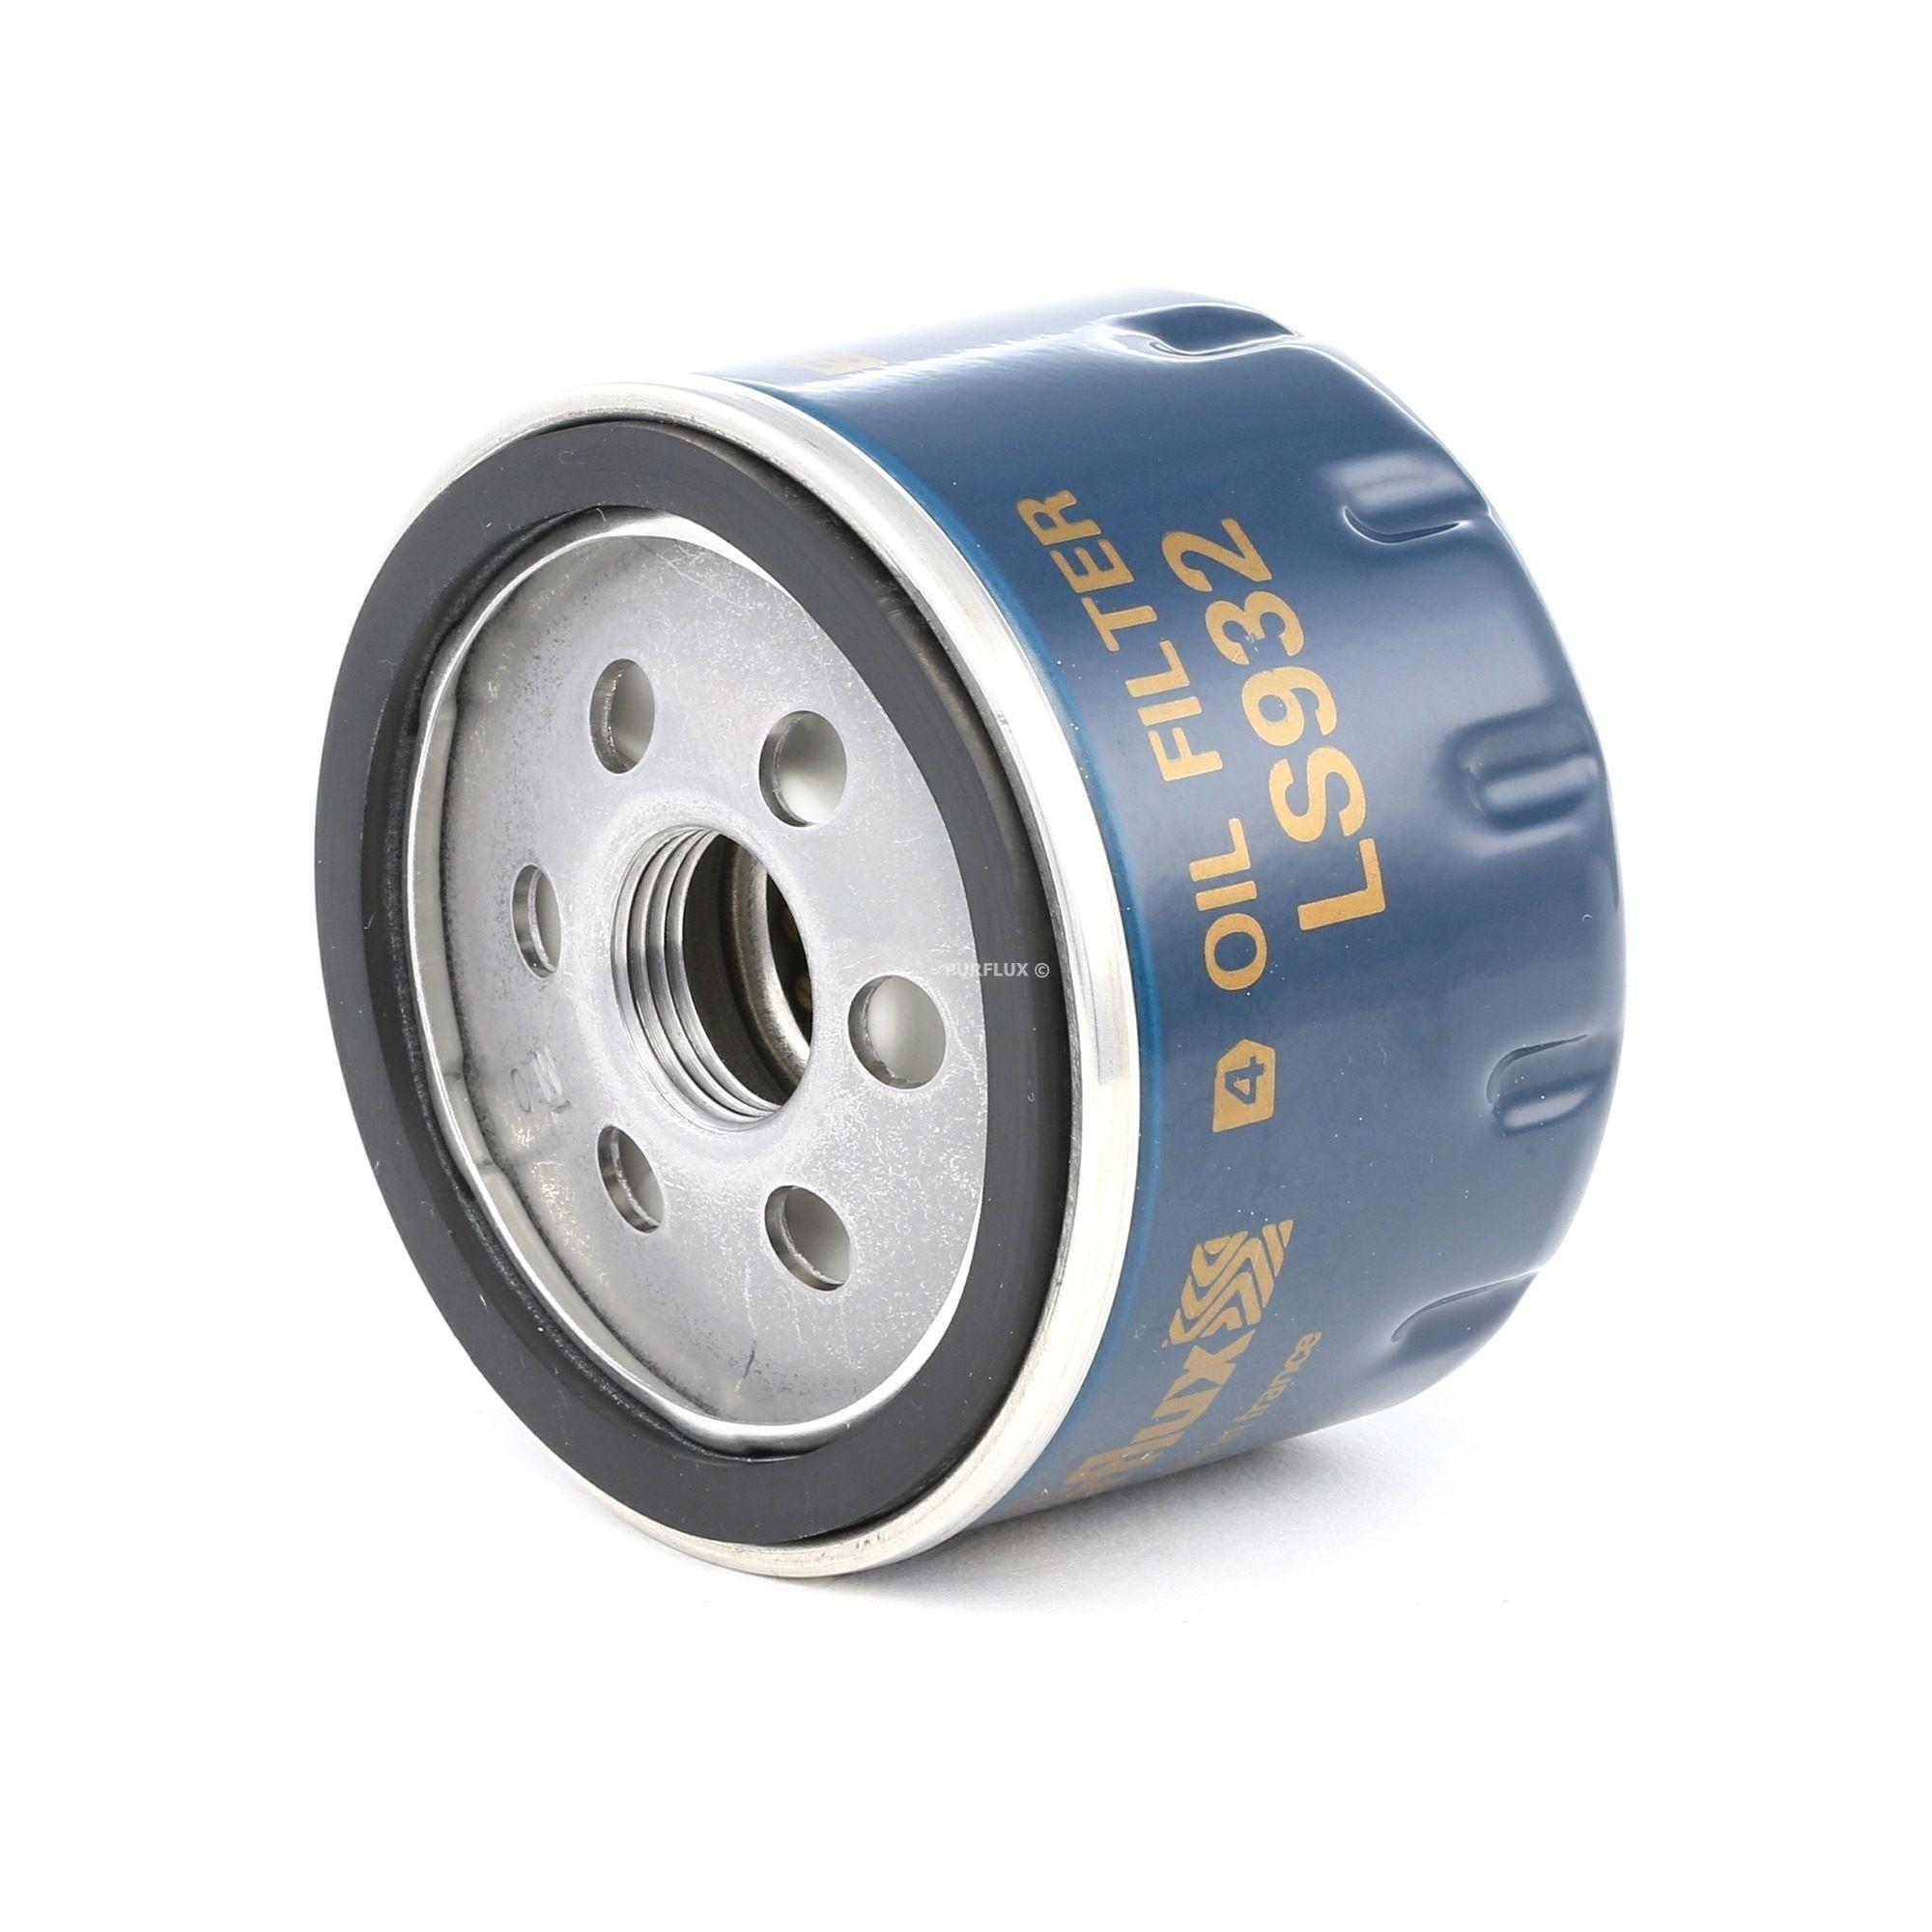 Achat de LS932 PURFLUX Filtre vissé Ø: 76mm, Hauteur: 54mm Filtre à huile LS932 pas chères